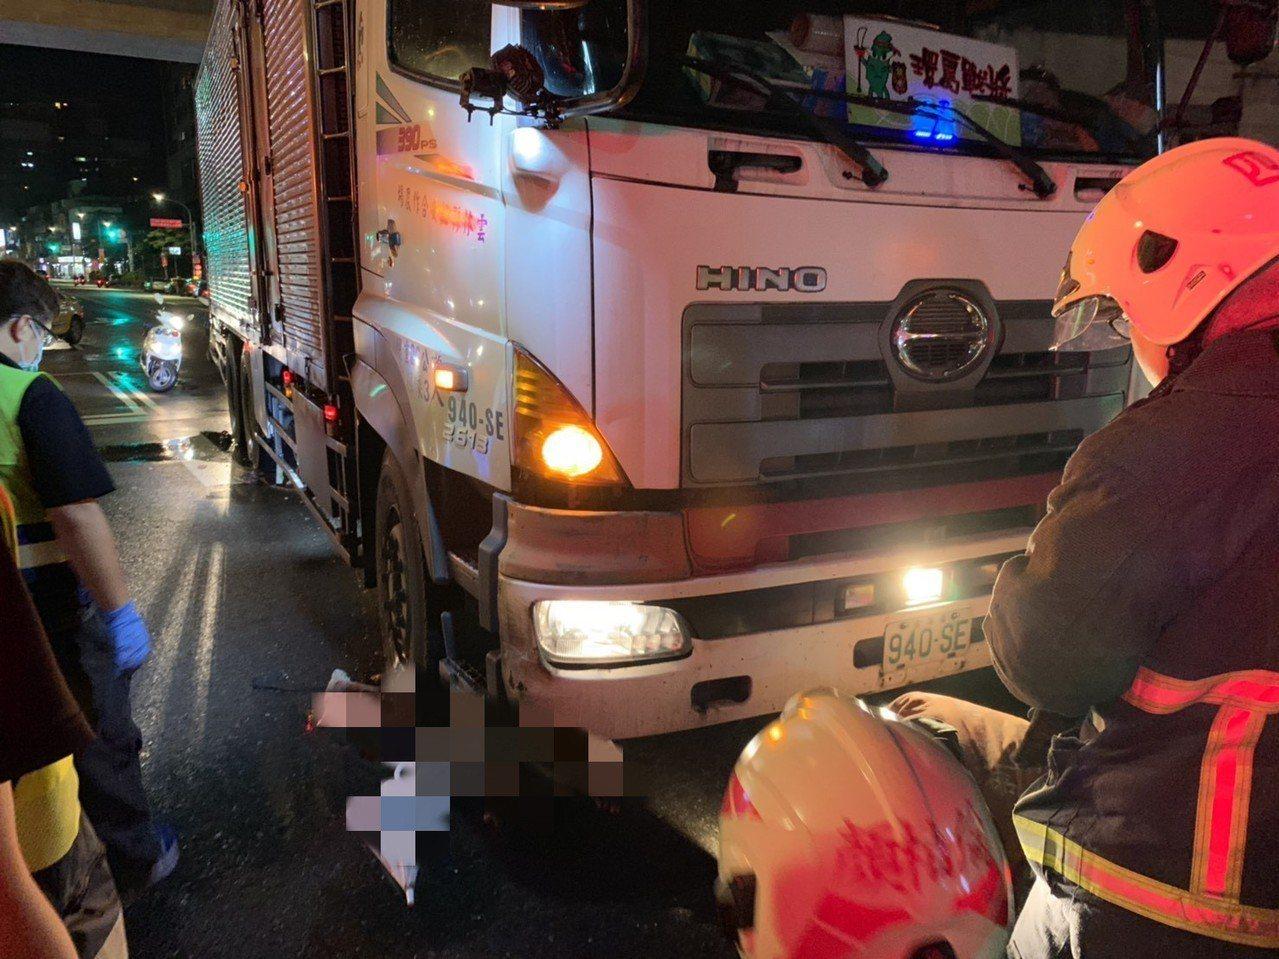 婦人於捷運新店站前斑馬線線上遭大貨車輾過。記者柯毓庭/翻攝